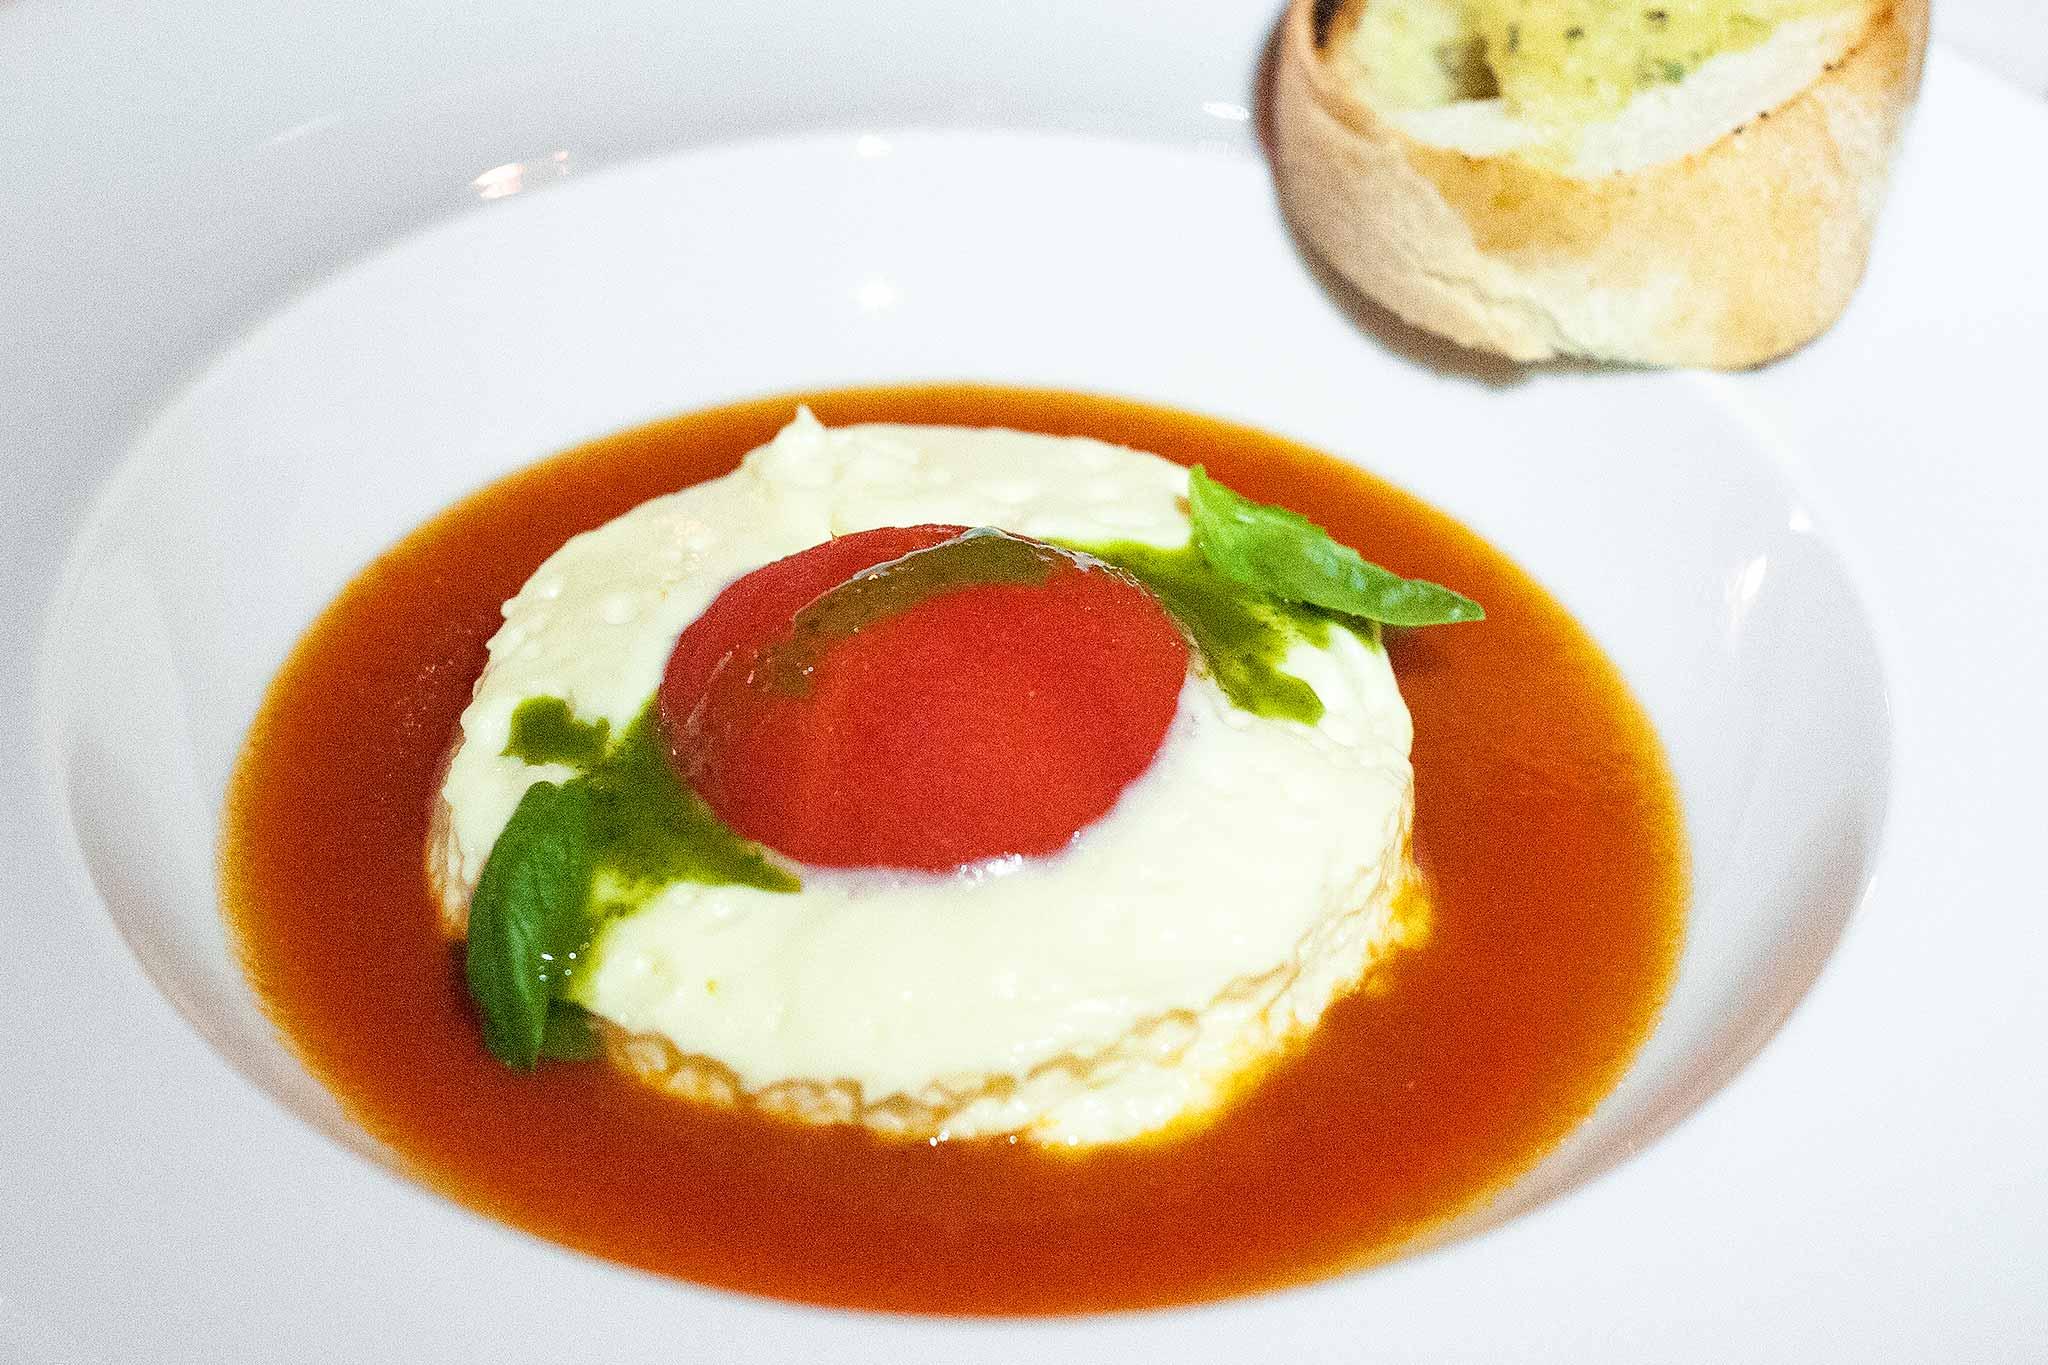 ottimi prezzi metà prezzo immagini dettagliate Sicilia. Perché una cena alla Locanda Don Serafino è da favola